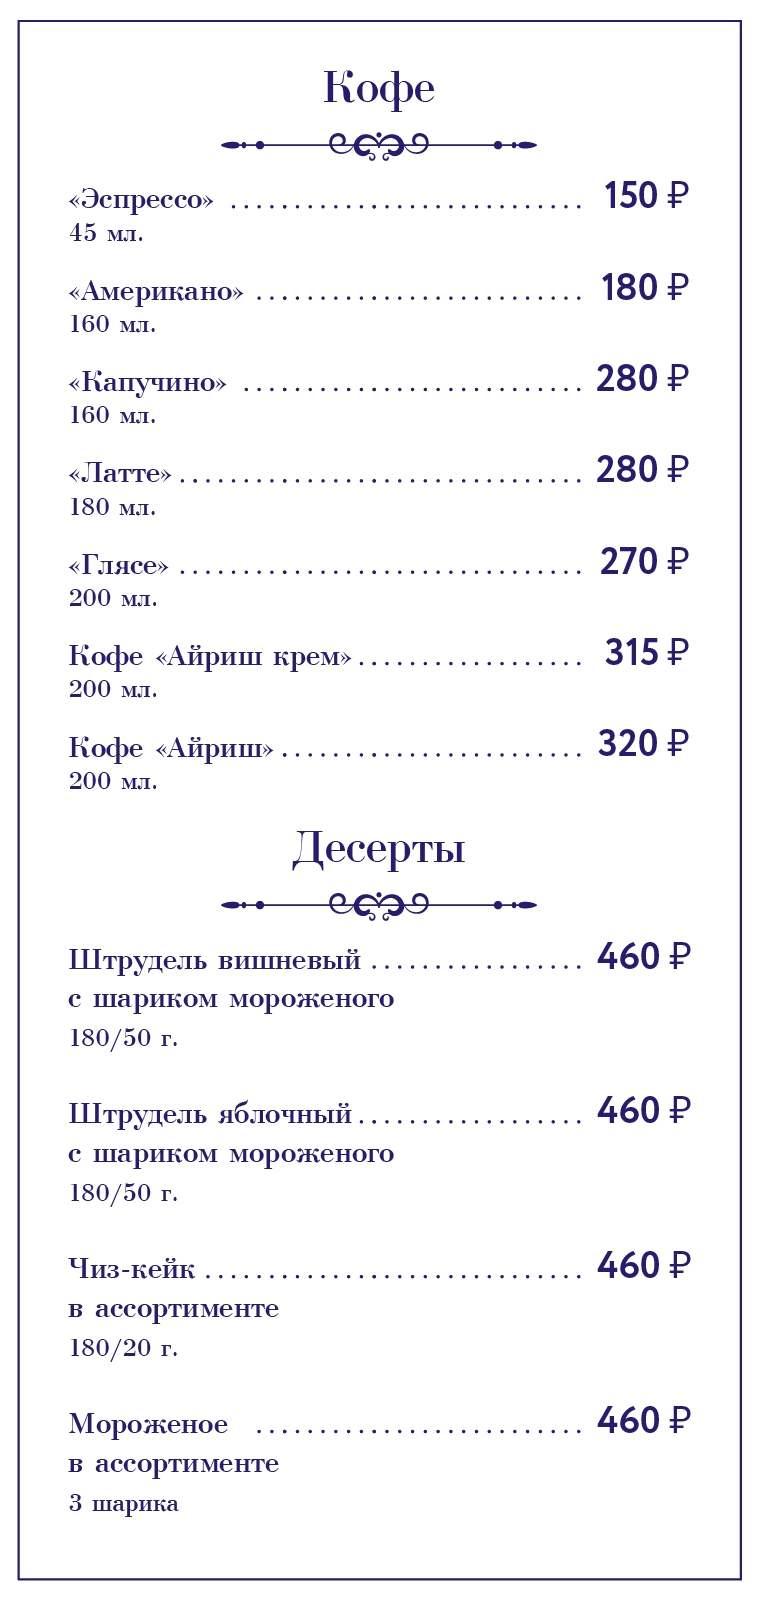 ЧАЙНАЯ_2